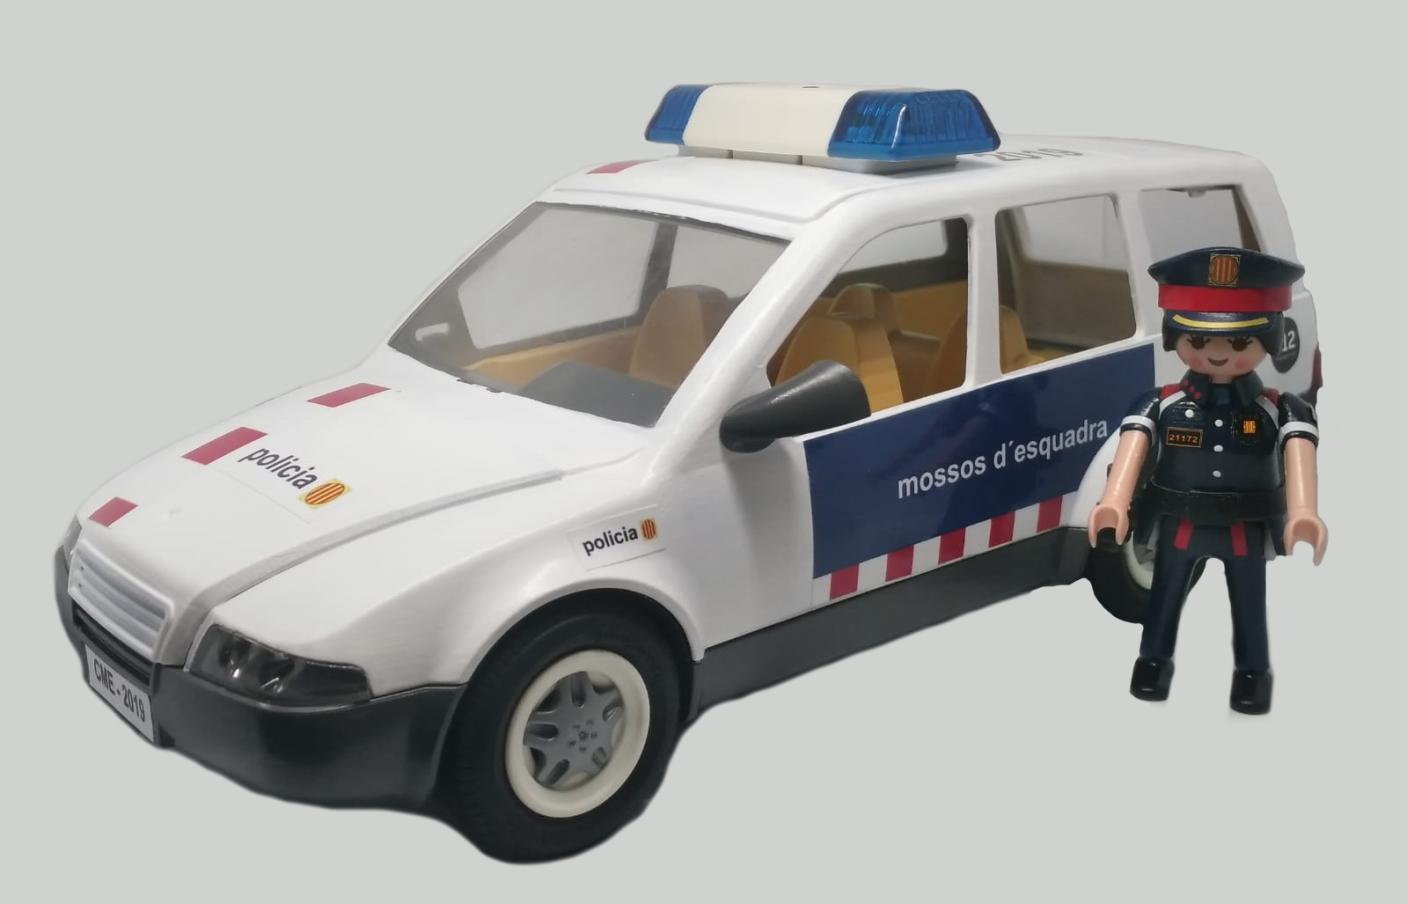 COCHE PLAYMOBIL PERSONALIZADO CON LOS DISTINTIVOS DE LOS MOSSOS D´ESQUADRA POLICÍA DE CATALUÑA